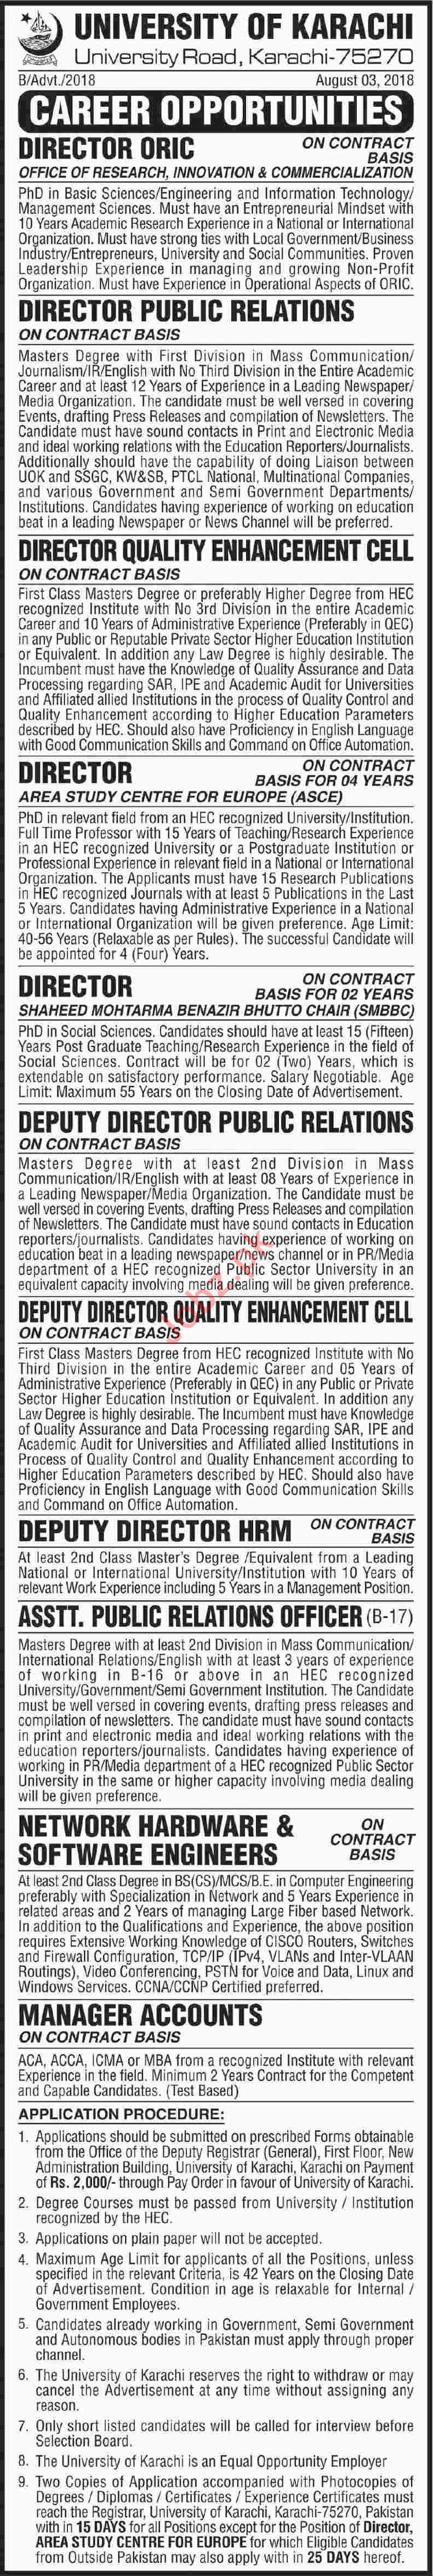 Career Opportunities for University of Karachi UOK